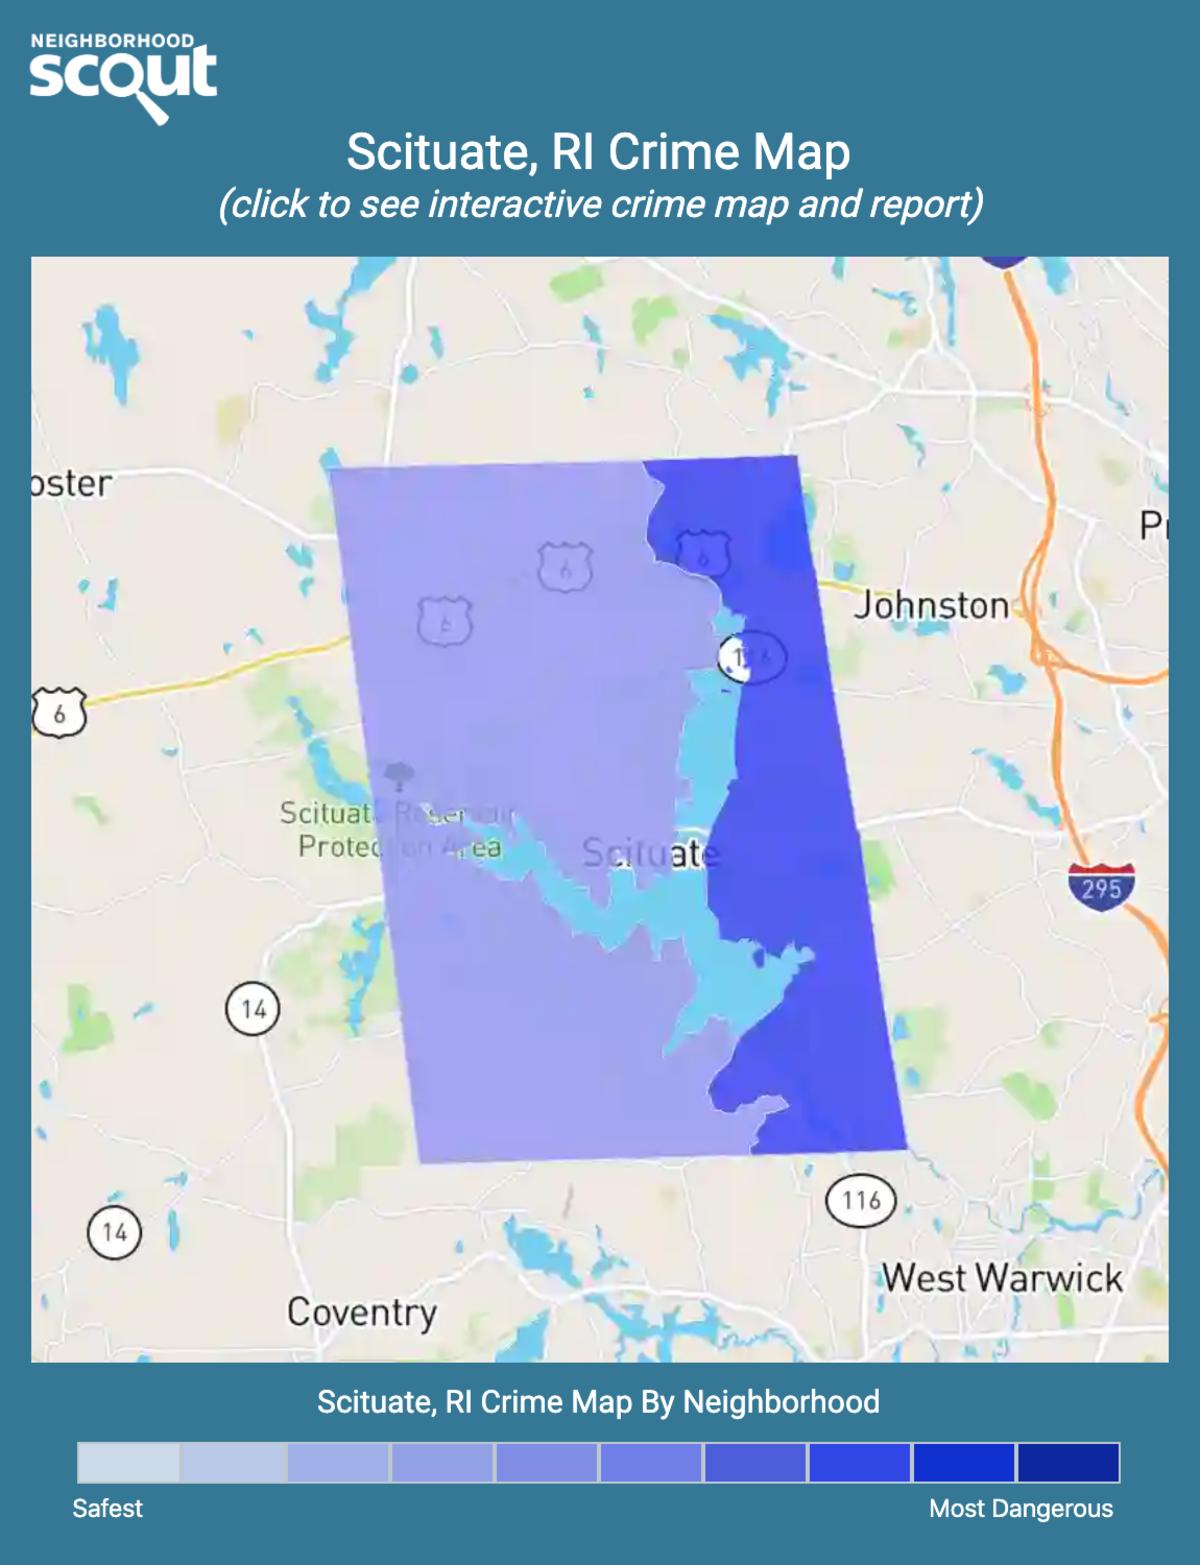 Scituate, Rhode Island crime map